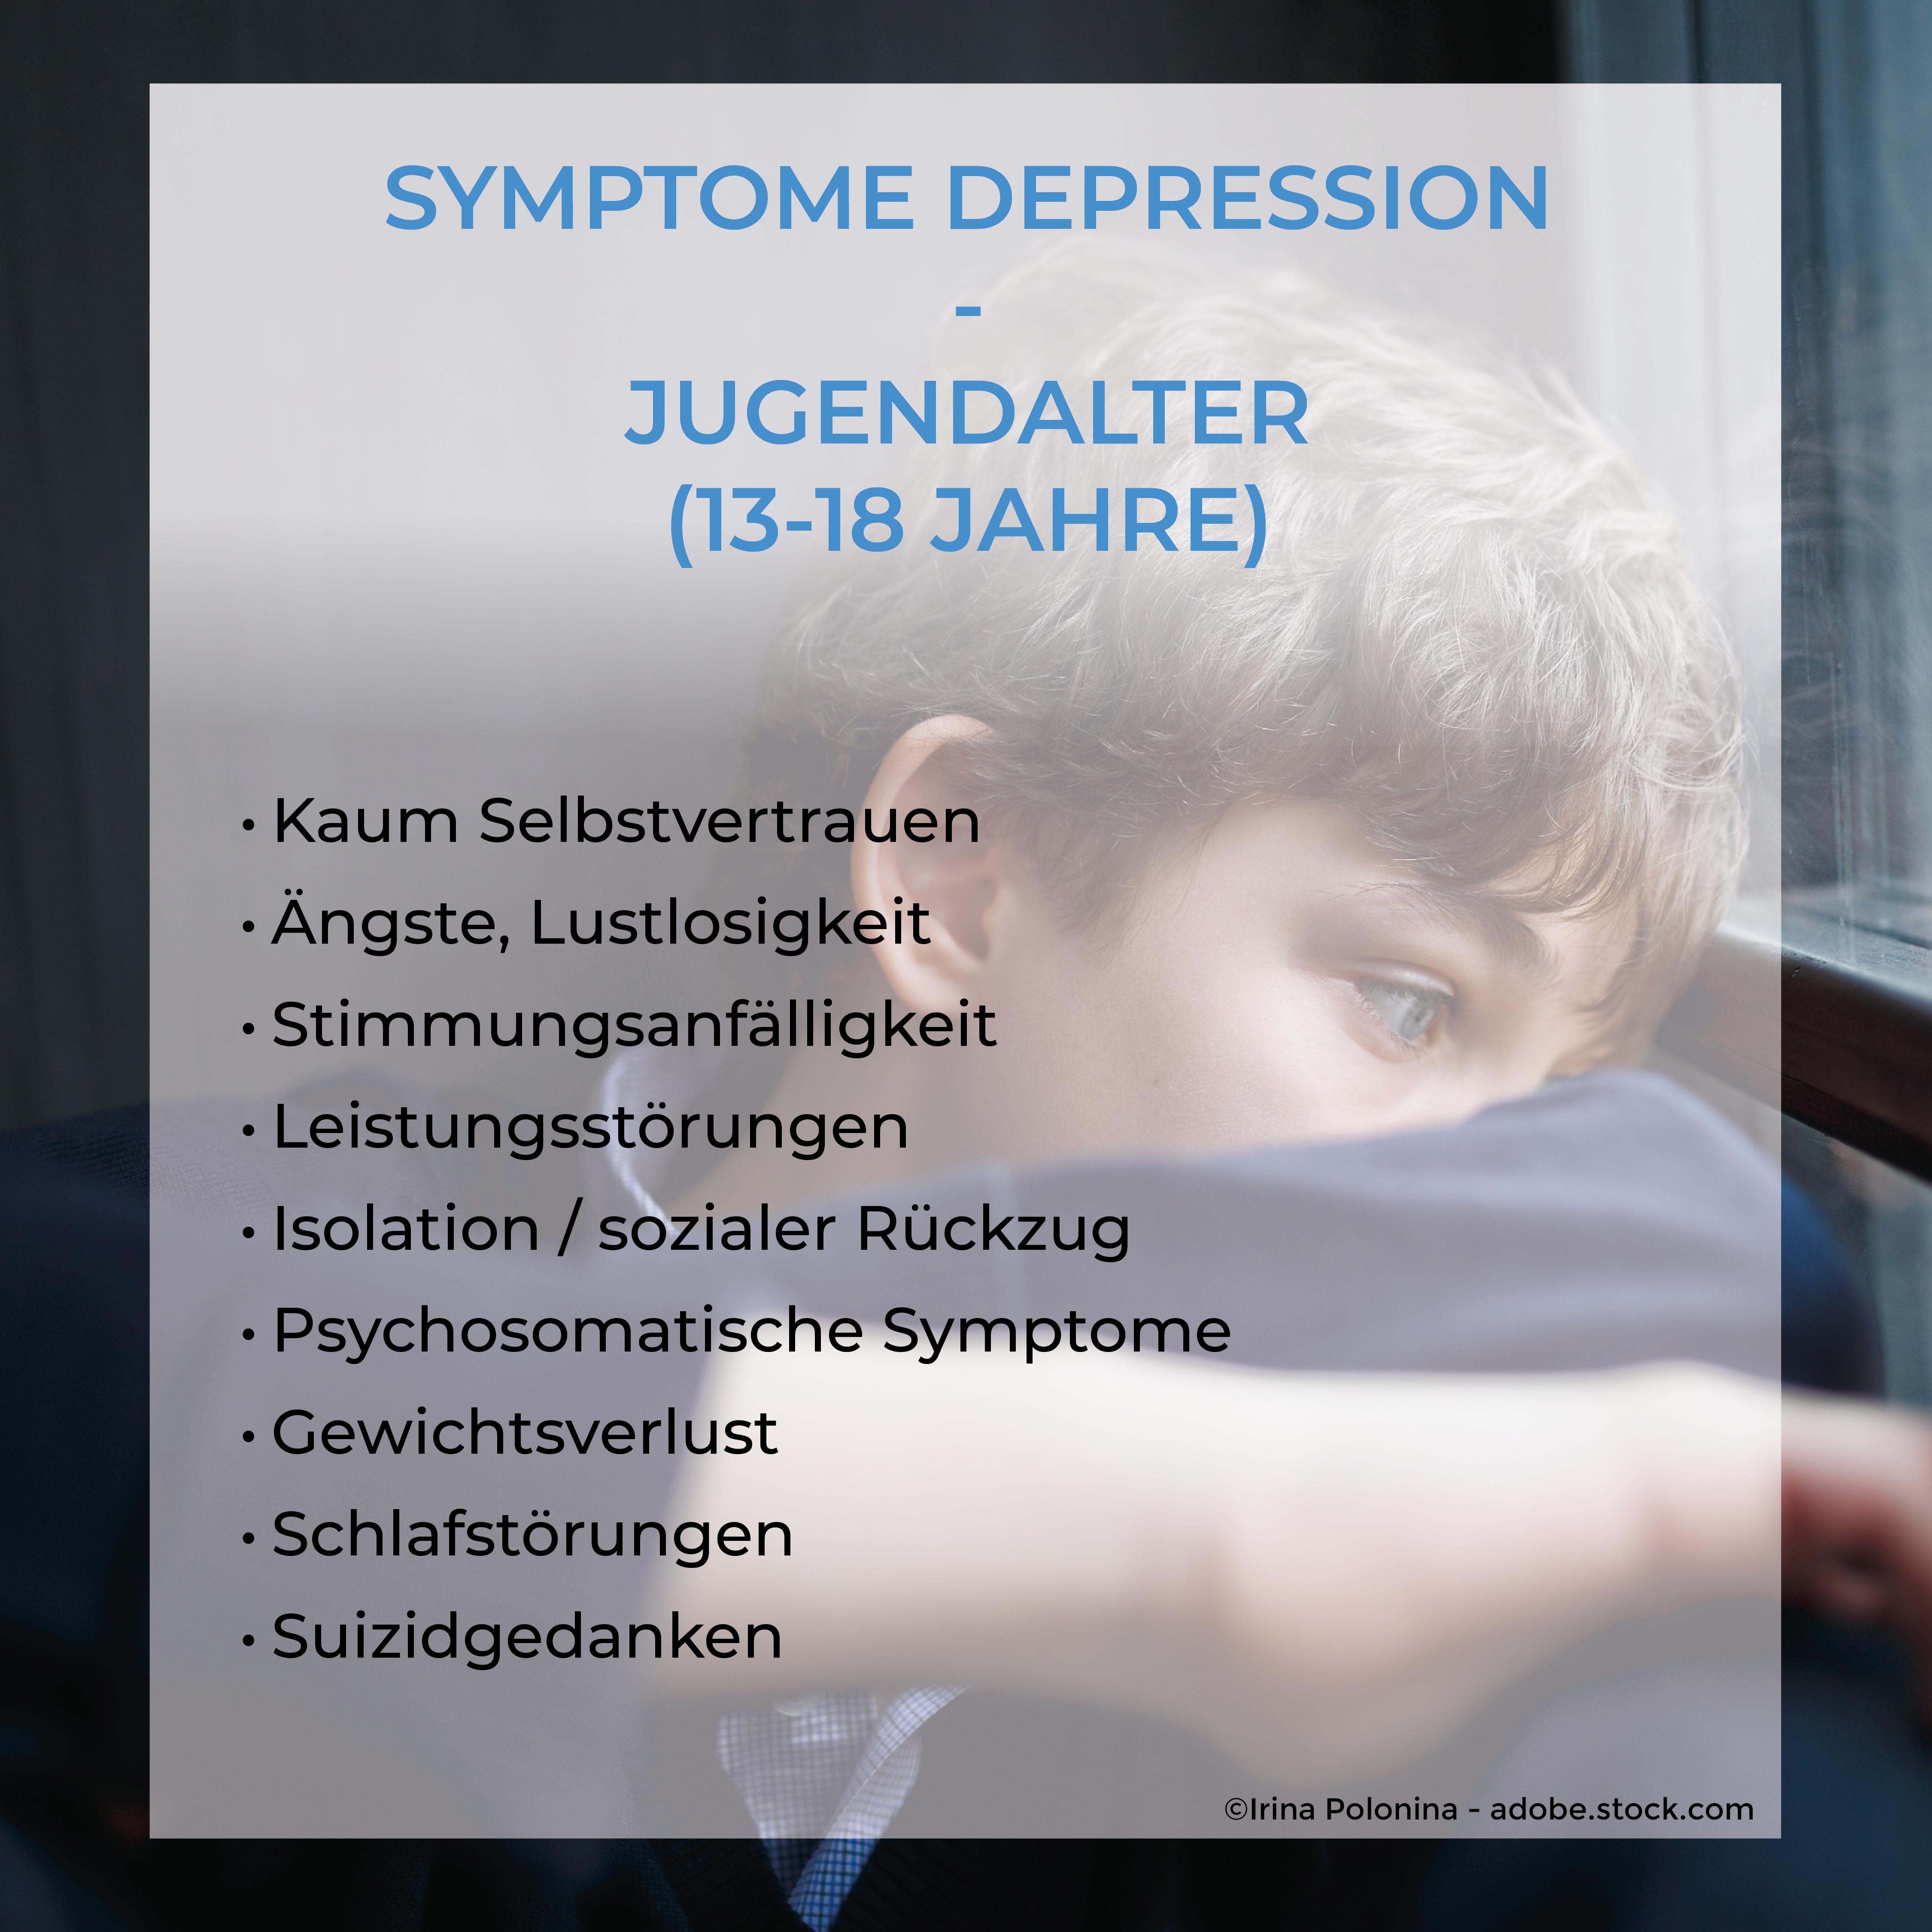 Jugendalter Symptome Depression